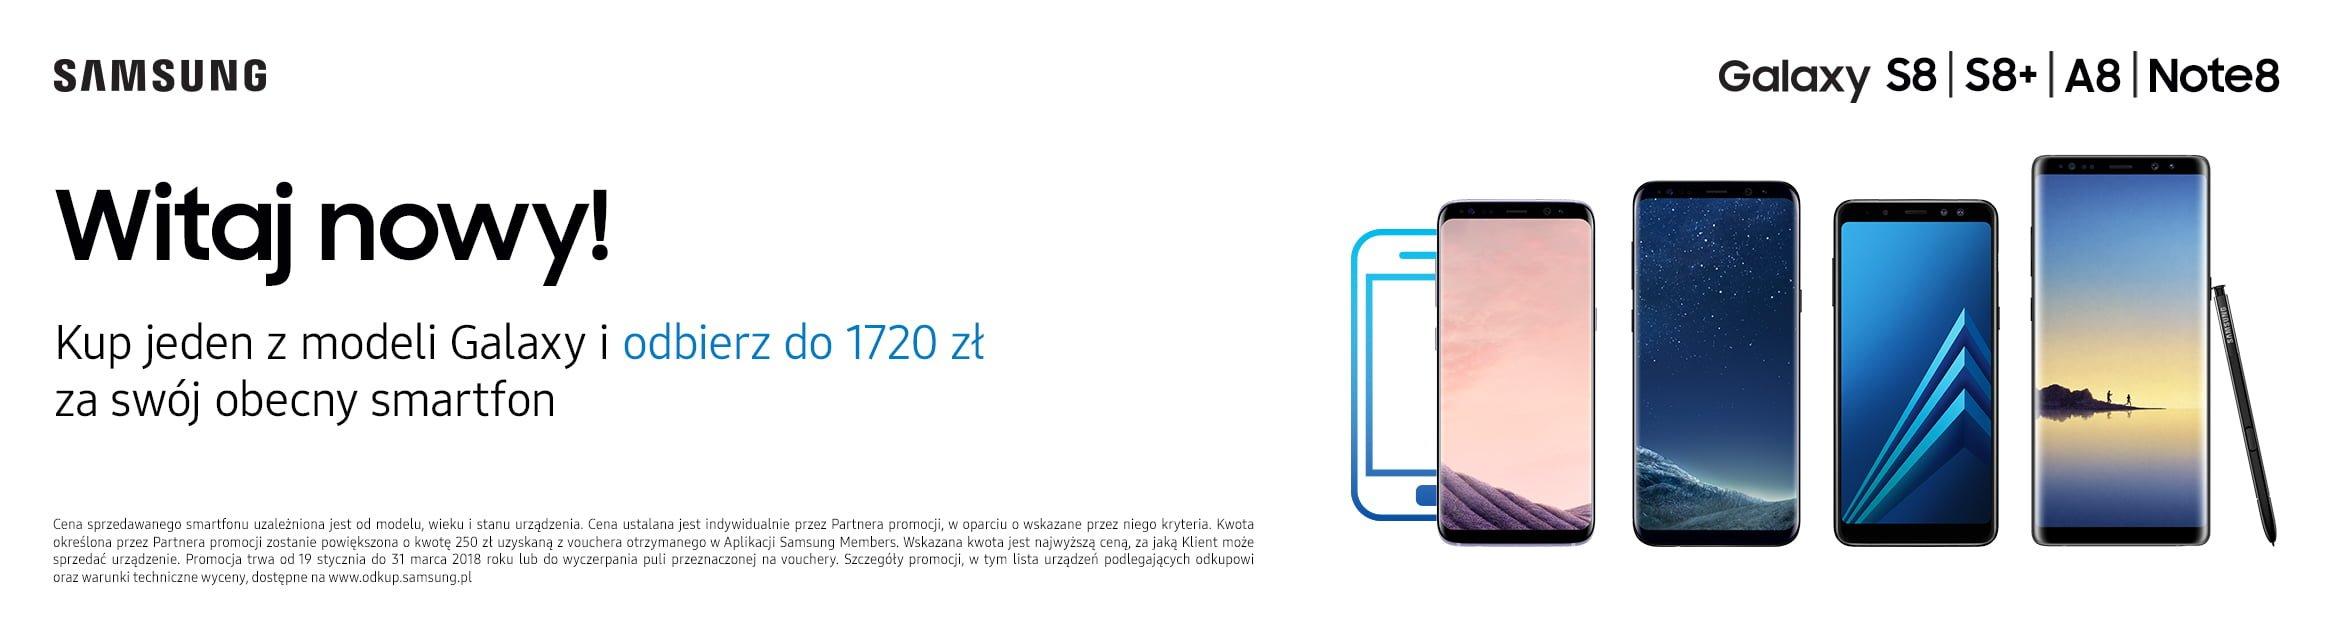 Tabletowo.pl Promocja: kup Galaxy S8, S8+, A8, Note 8 lub Tab S3, oddaj swój stary smartfon i zyskaj nawet 1720 złotych Android Promocje Samsung Smartfony Tablety